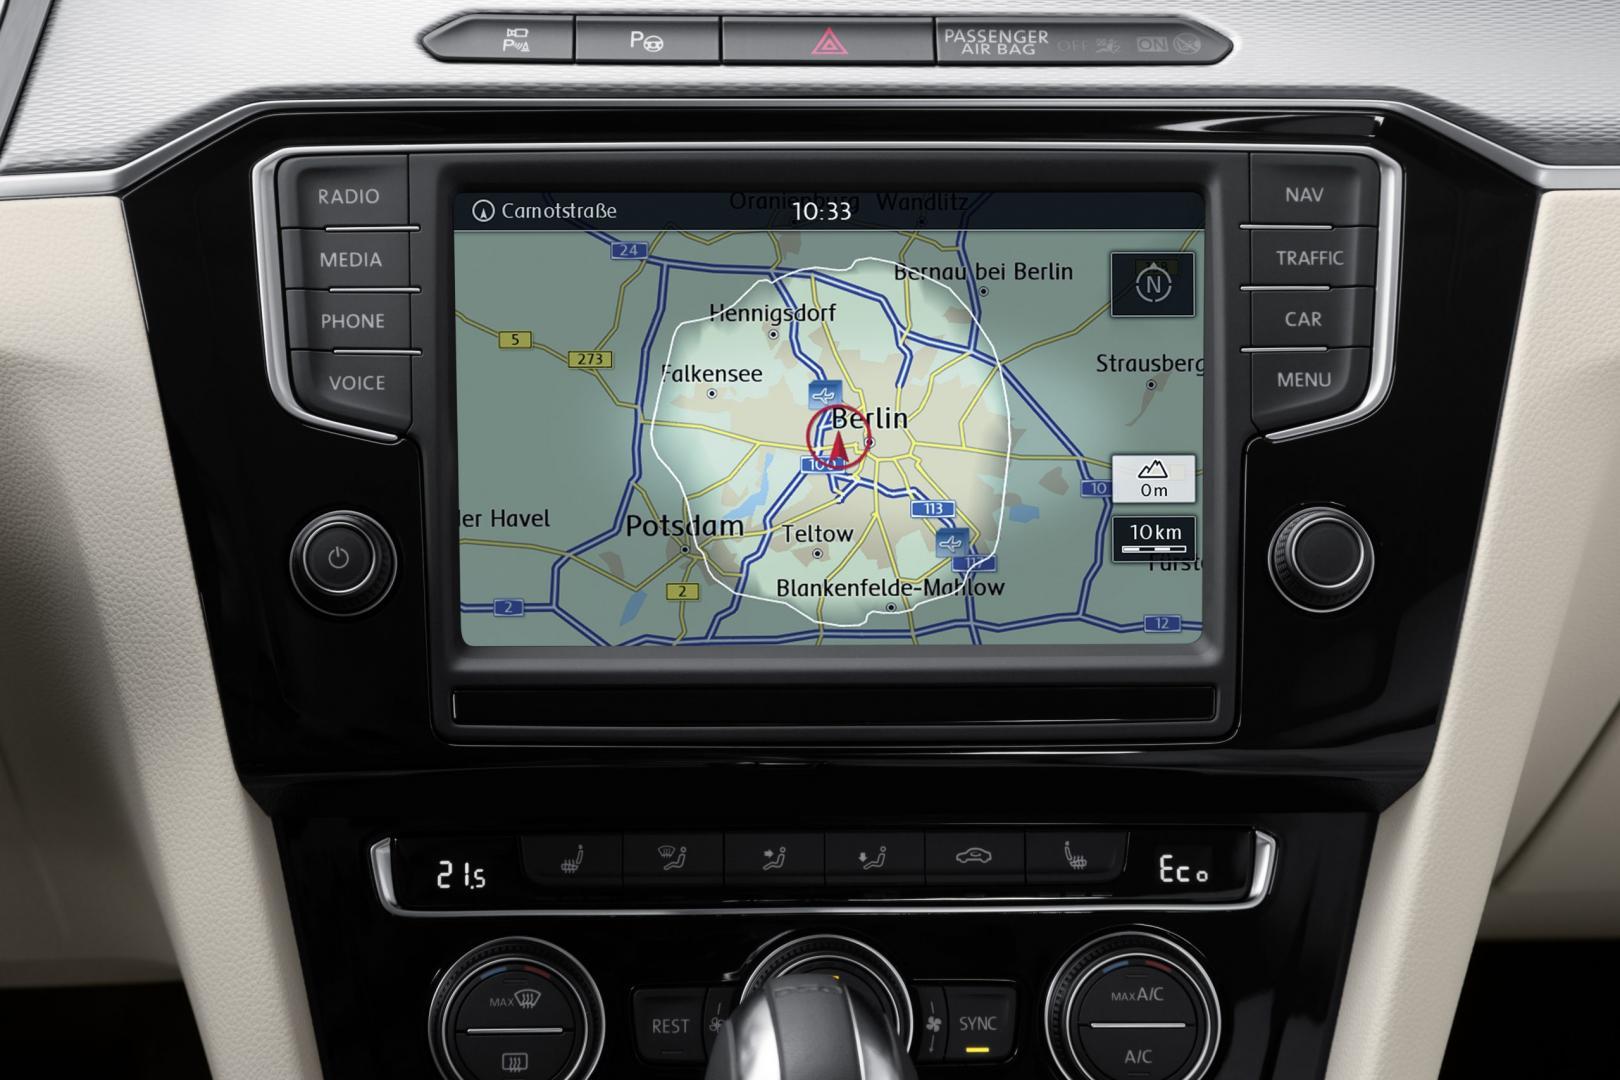 Volkswagen Passat GTE 2015 navigatiesysteem